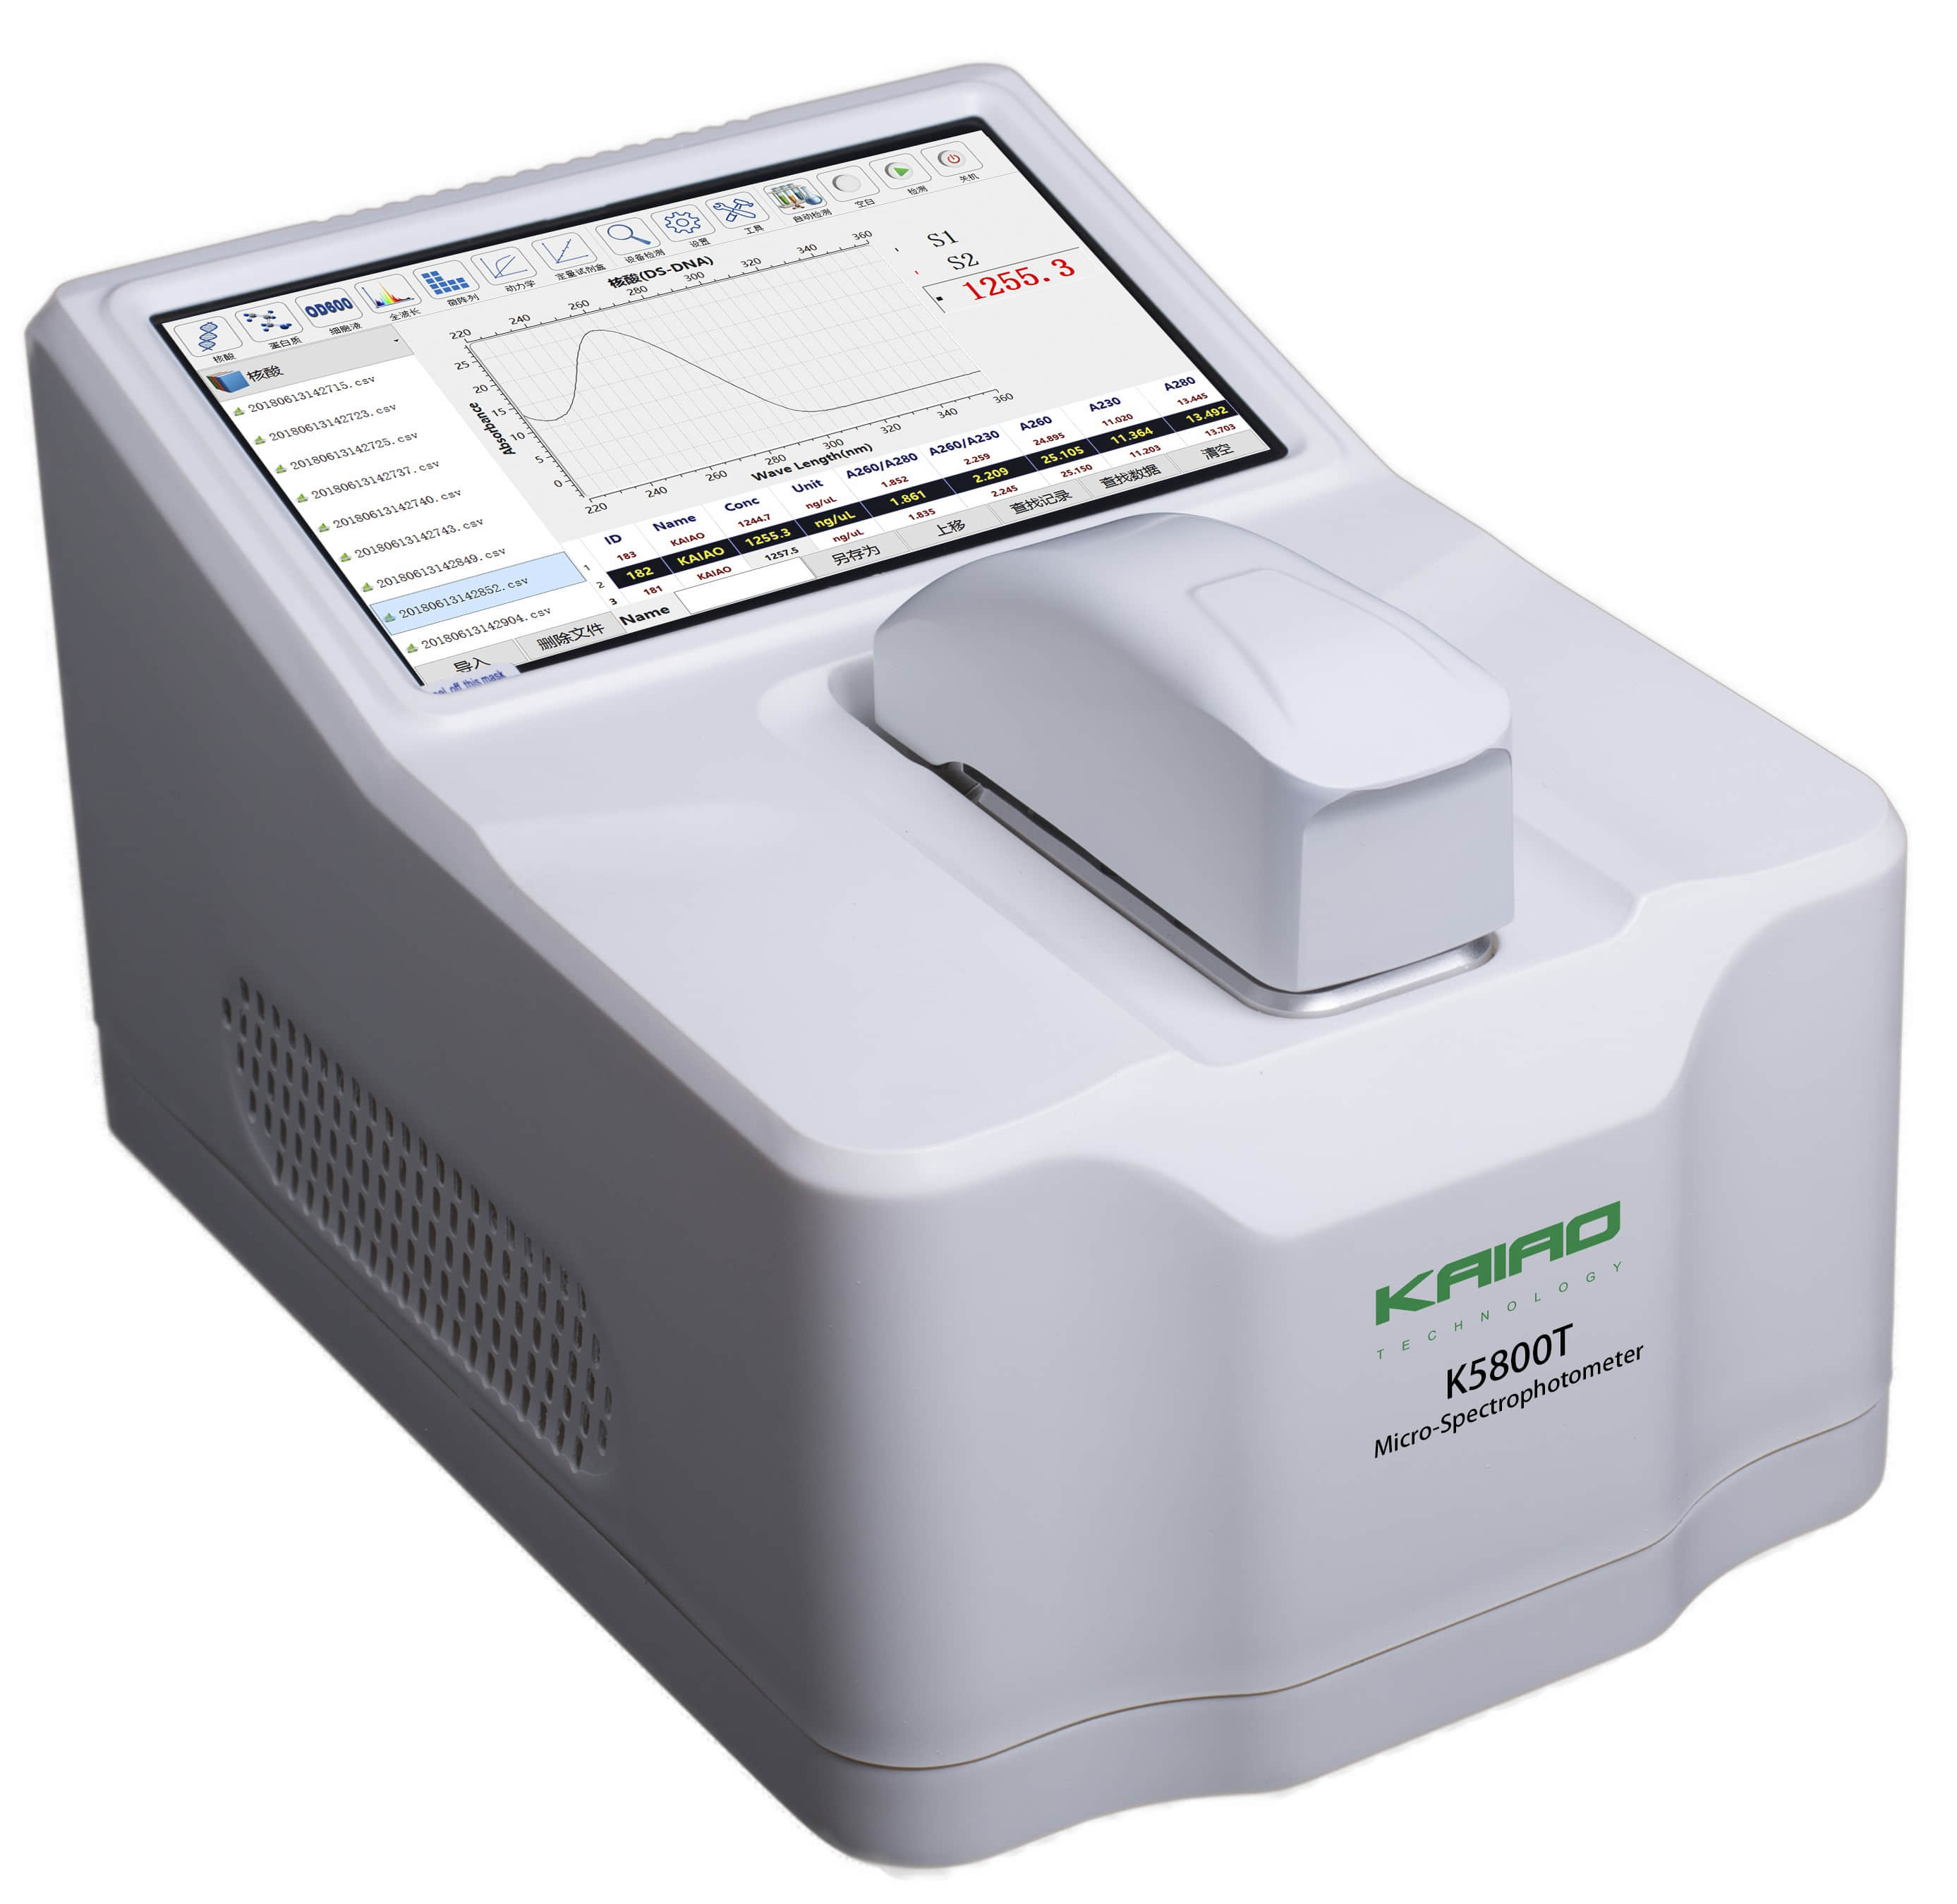 凯奥K5800T自动检测超微量分光光度计